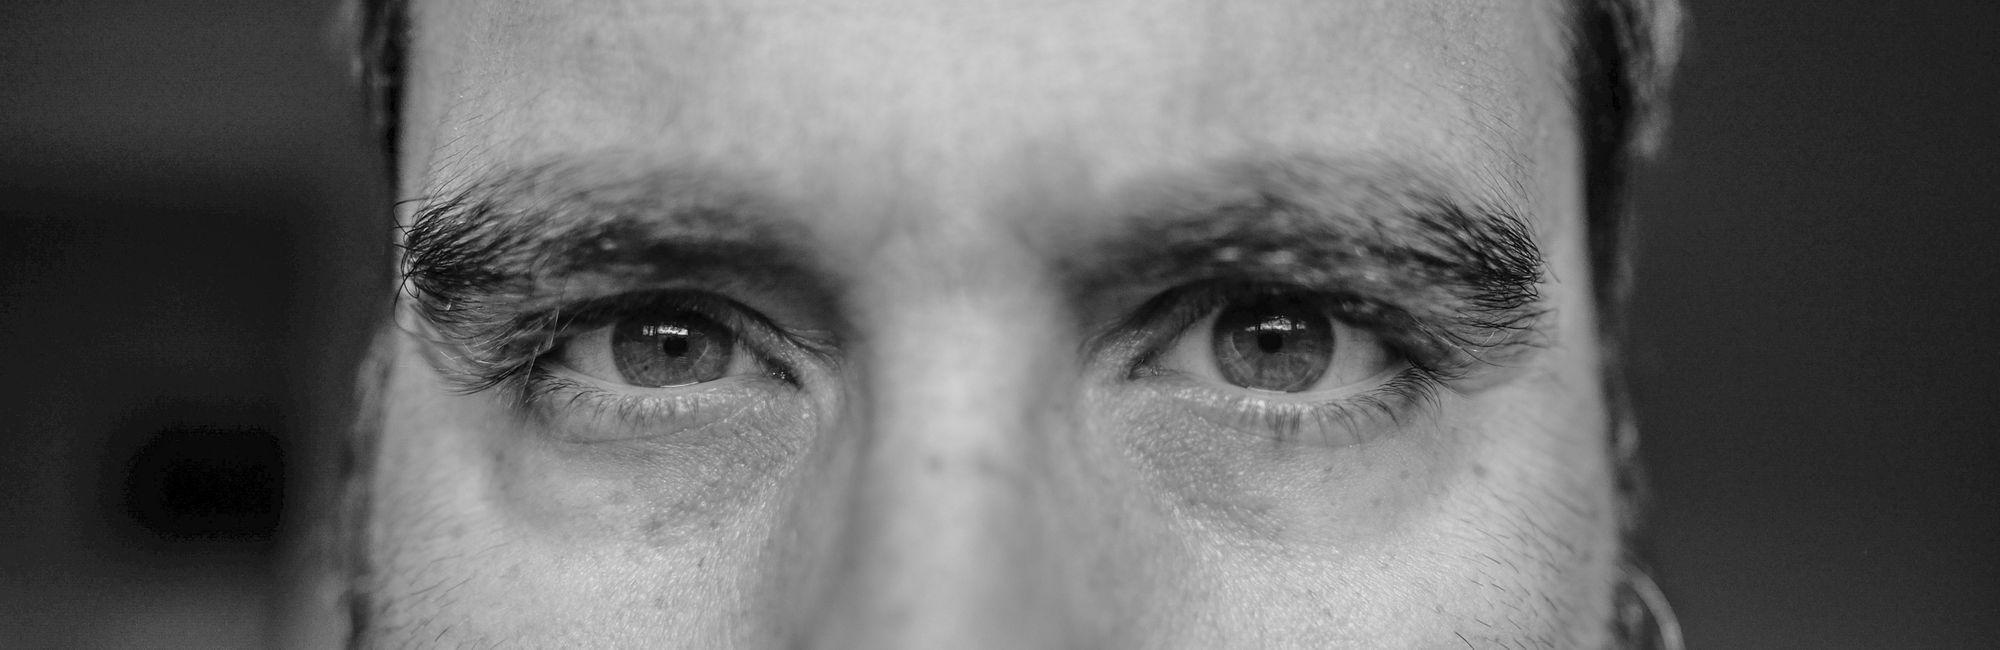 Extreme close-up shot